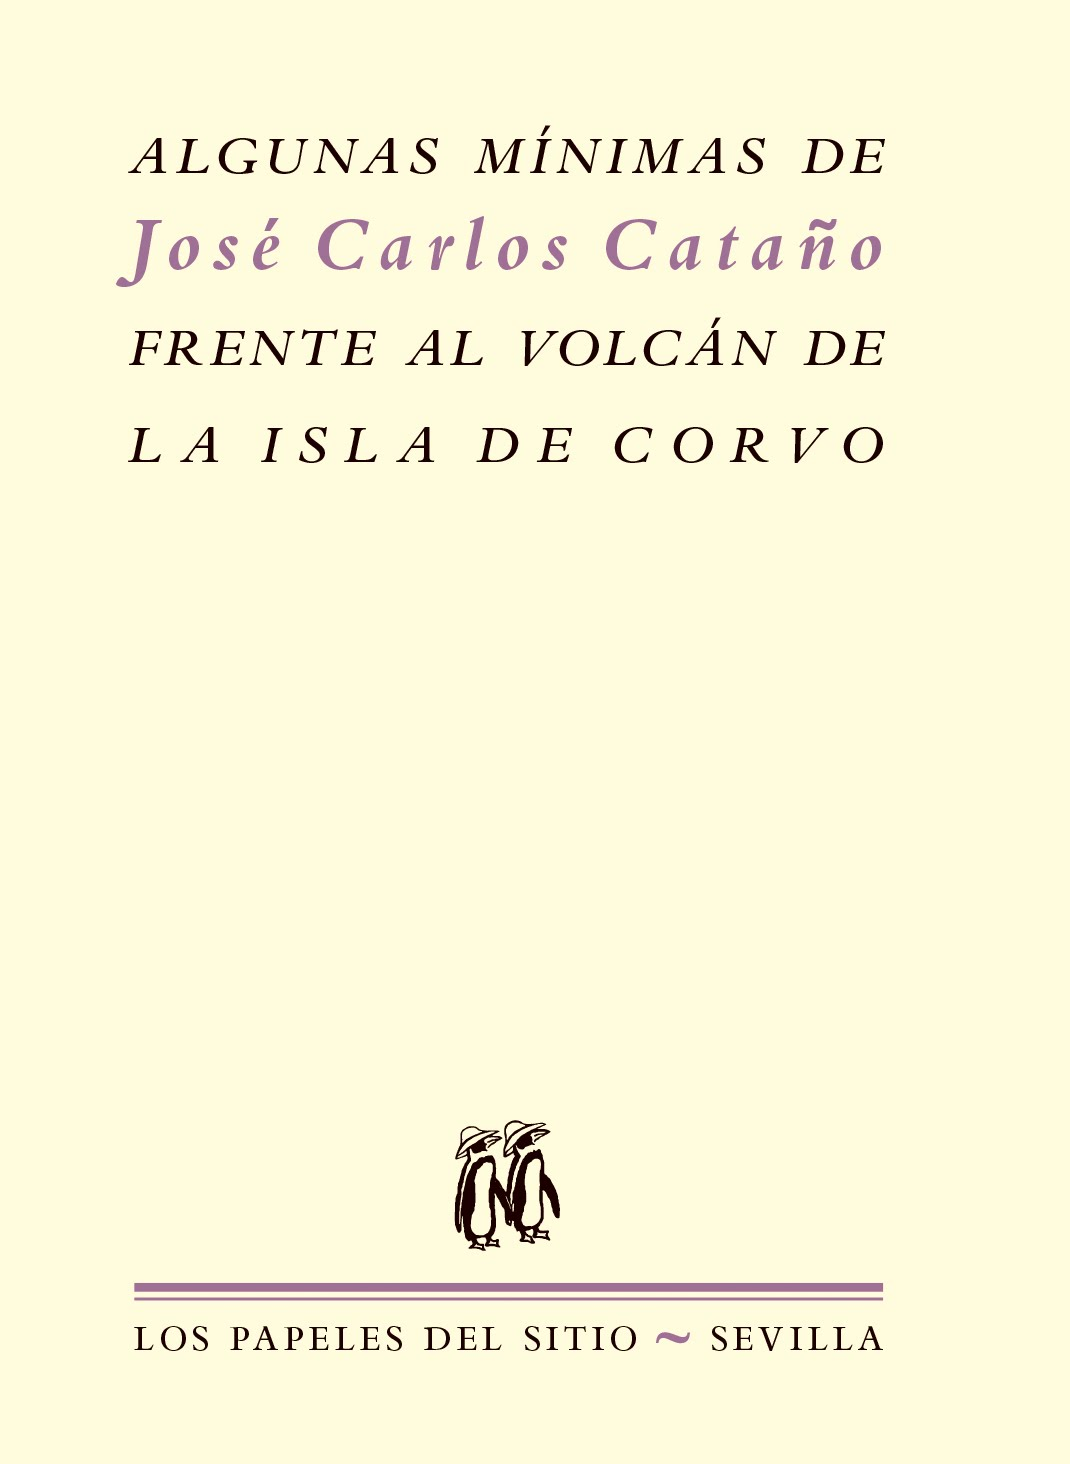 Algunas mínimas de José Carlos Cataño frente al volcán de la isla de Corvo